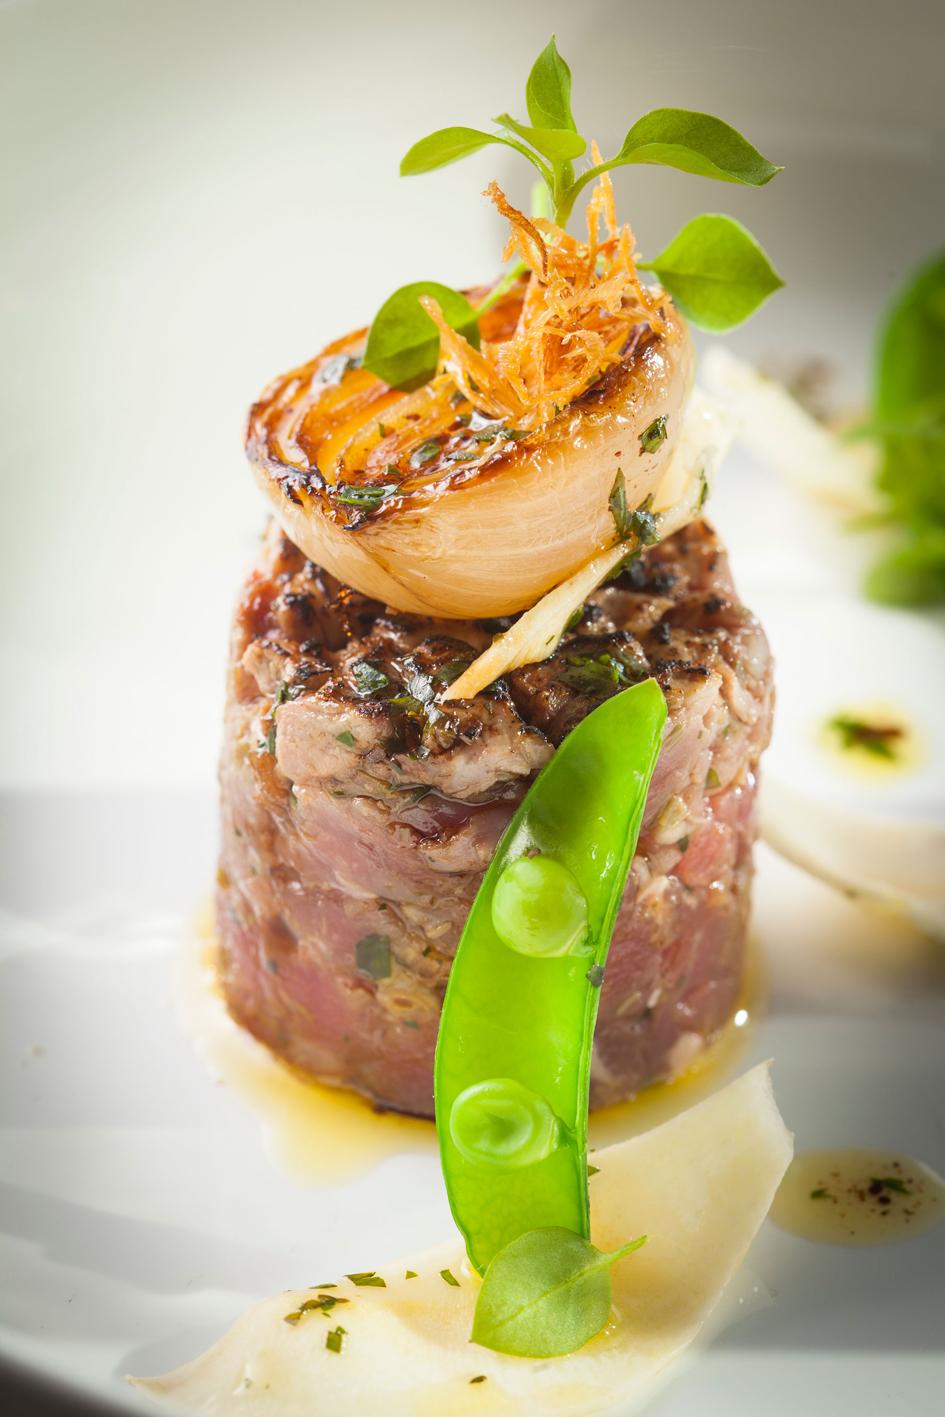 Tartare de veau - © Arnaud Dauphin pour Arts & Gastronomie